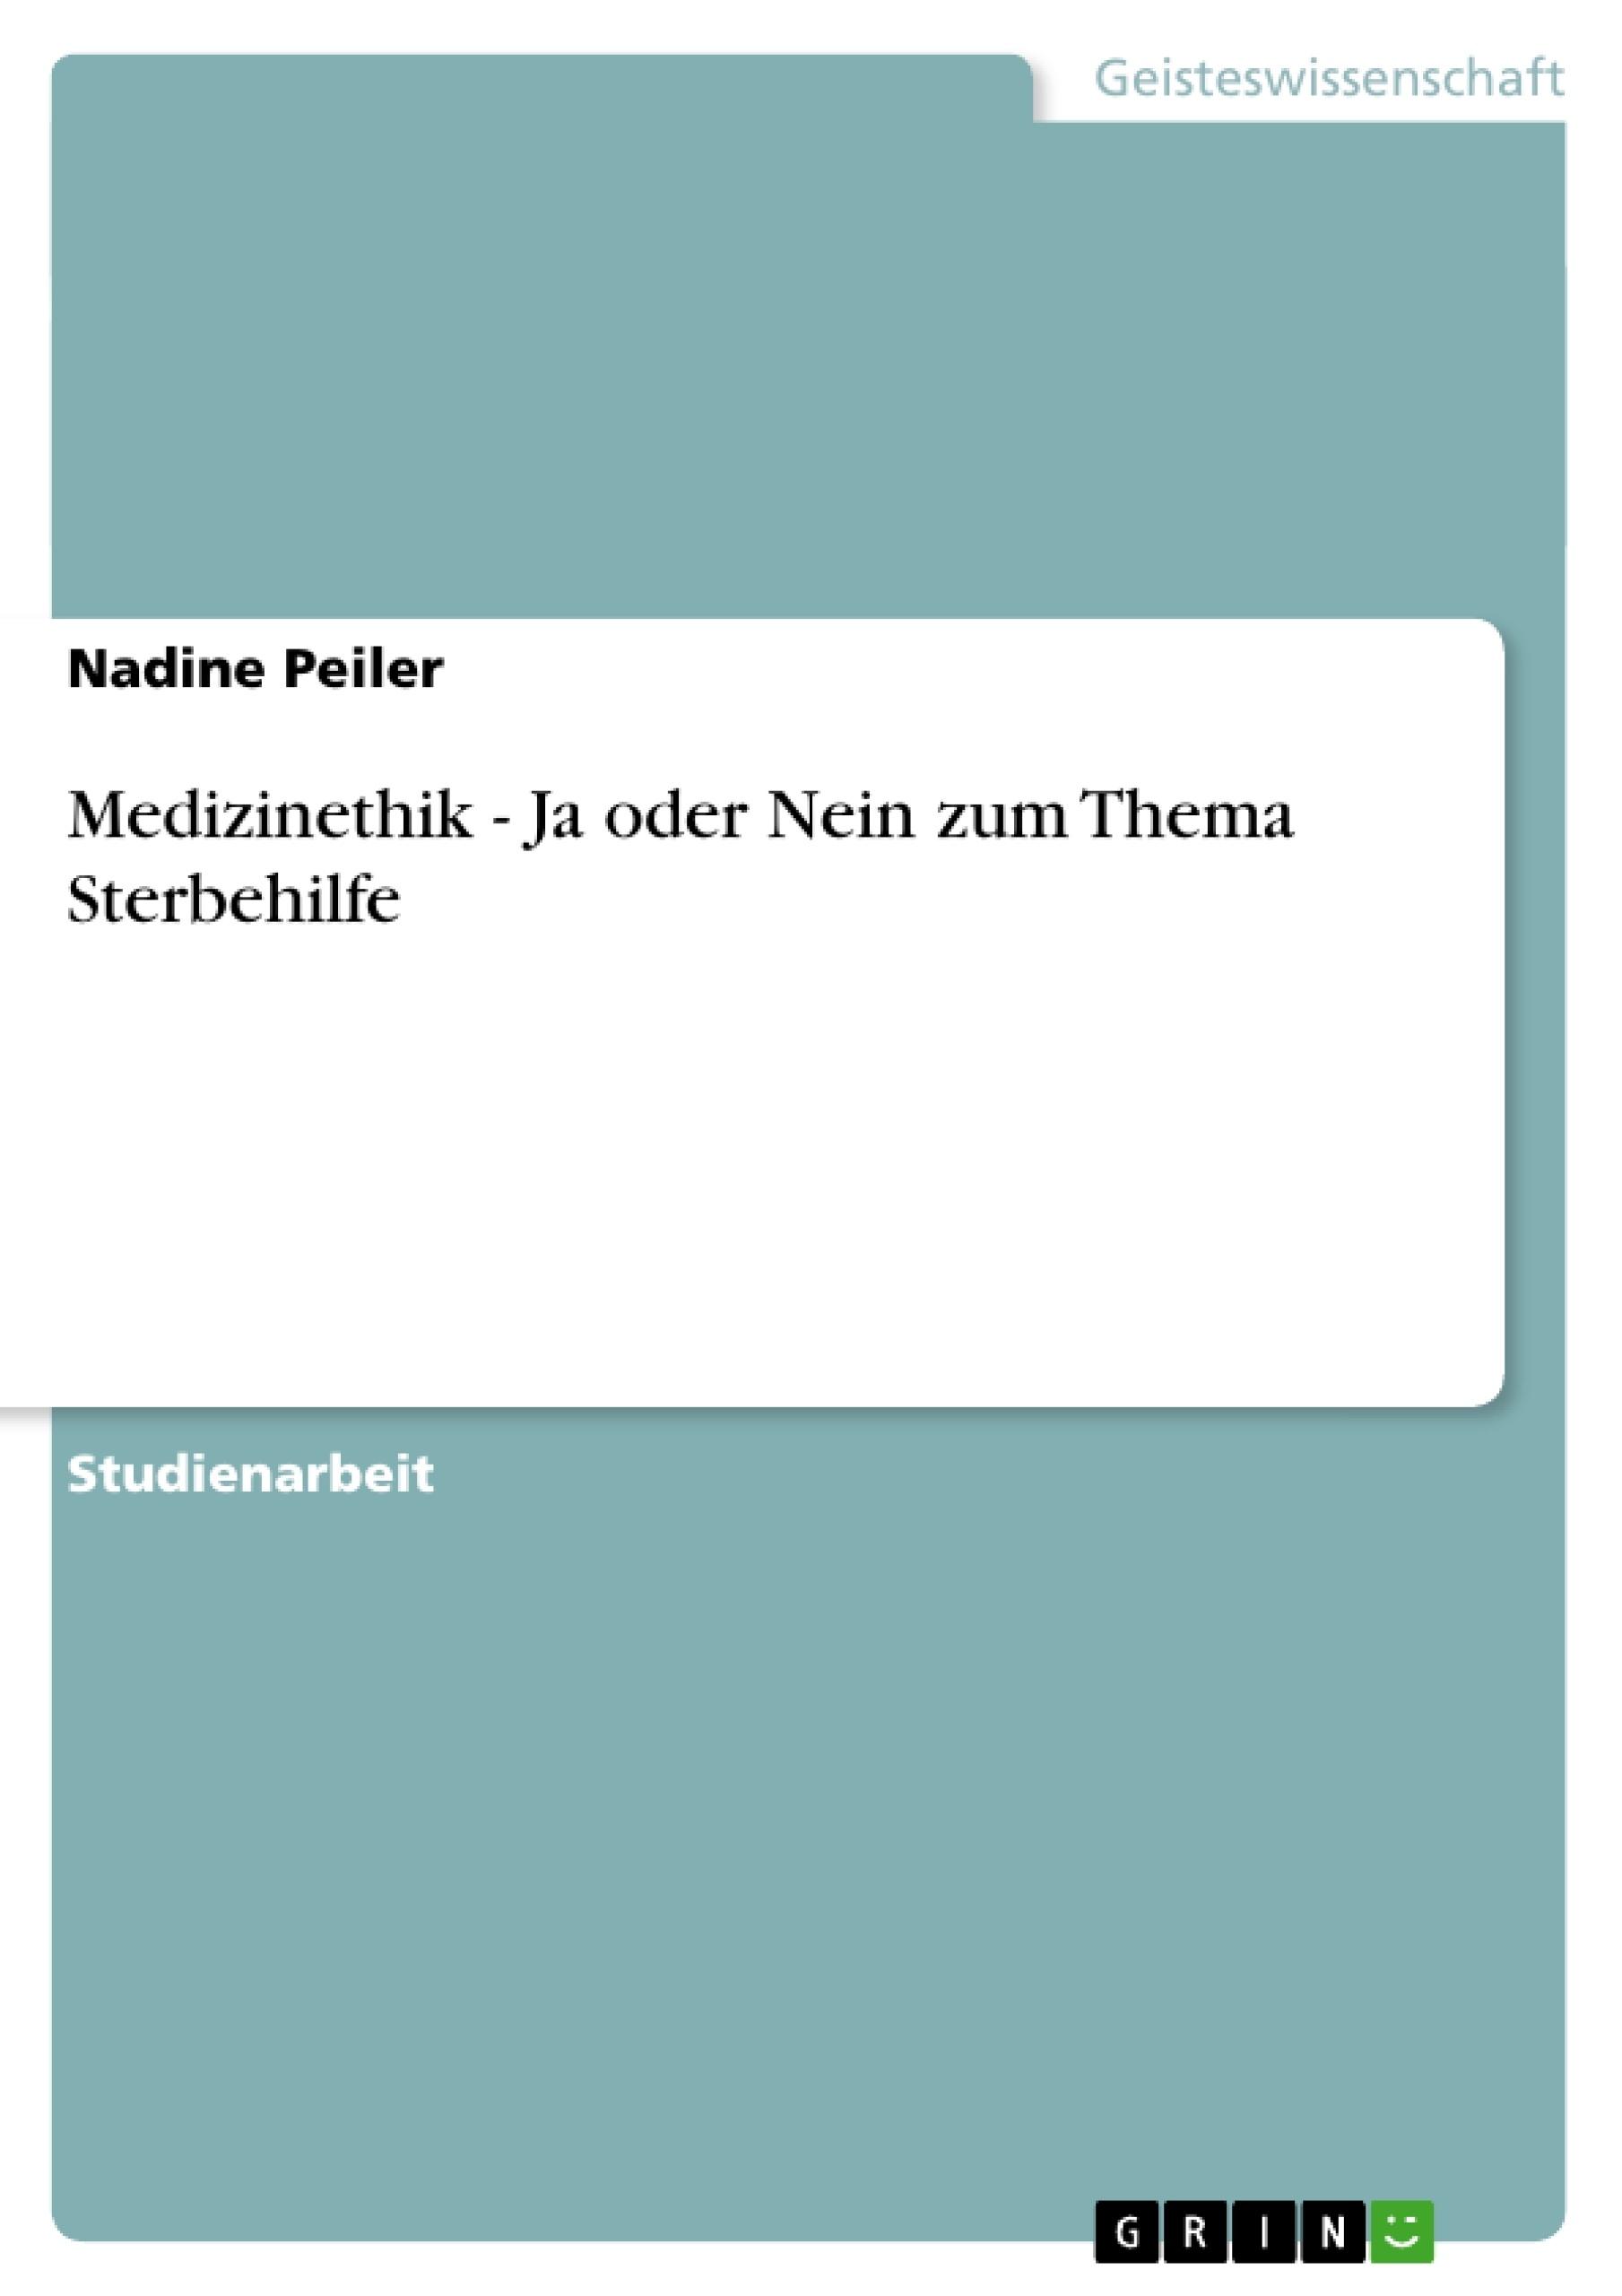 Titel: Medizinethik - Ja oder Nein zum Thema Sterbehilfe